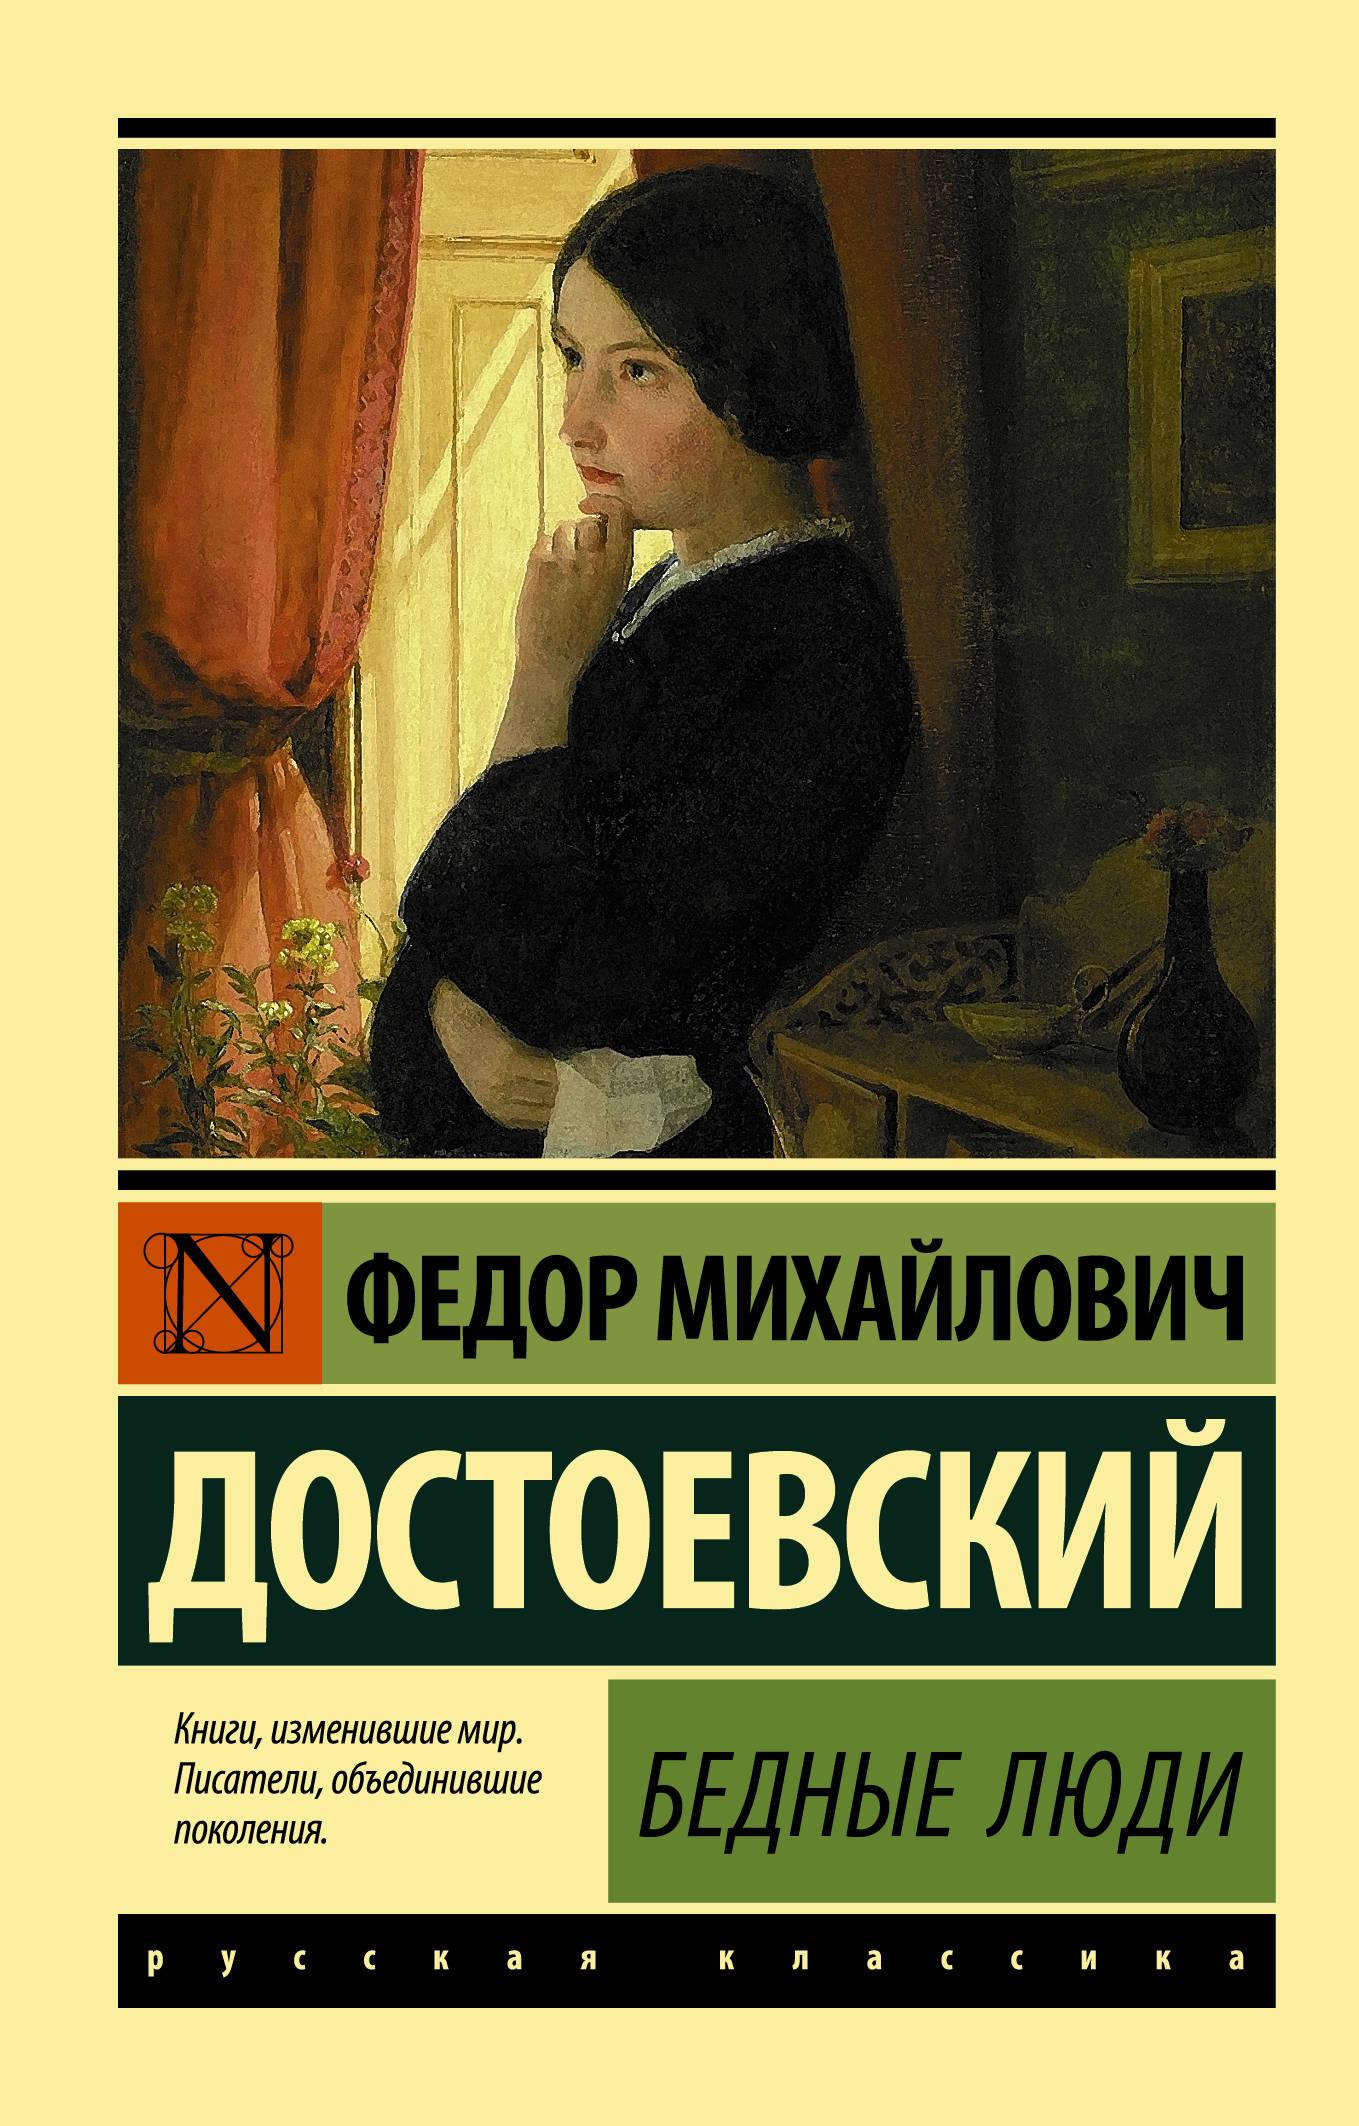 Федор Михайлович Достоевский Бедные люди